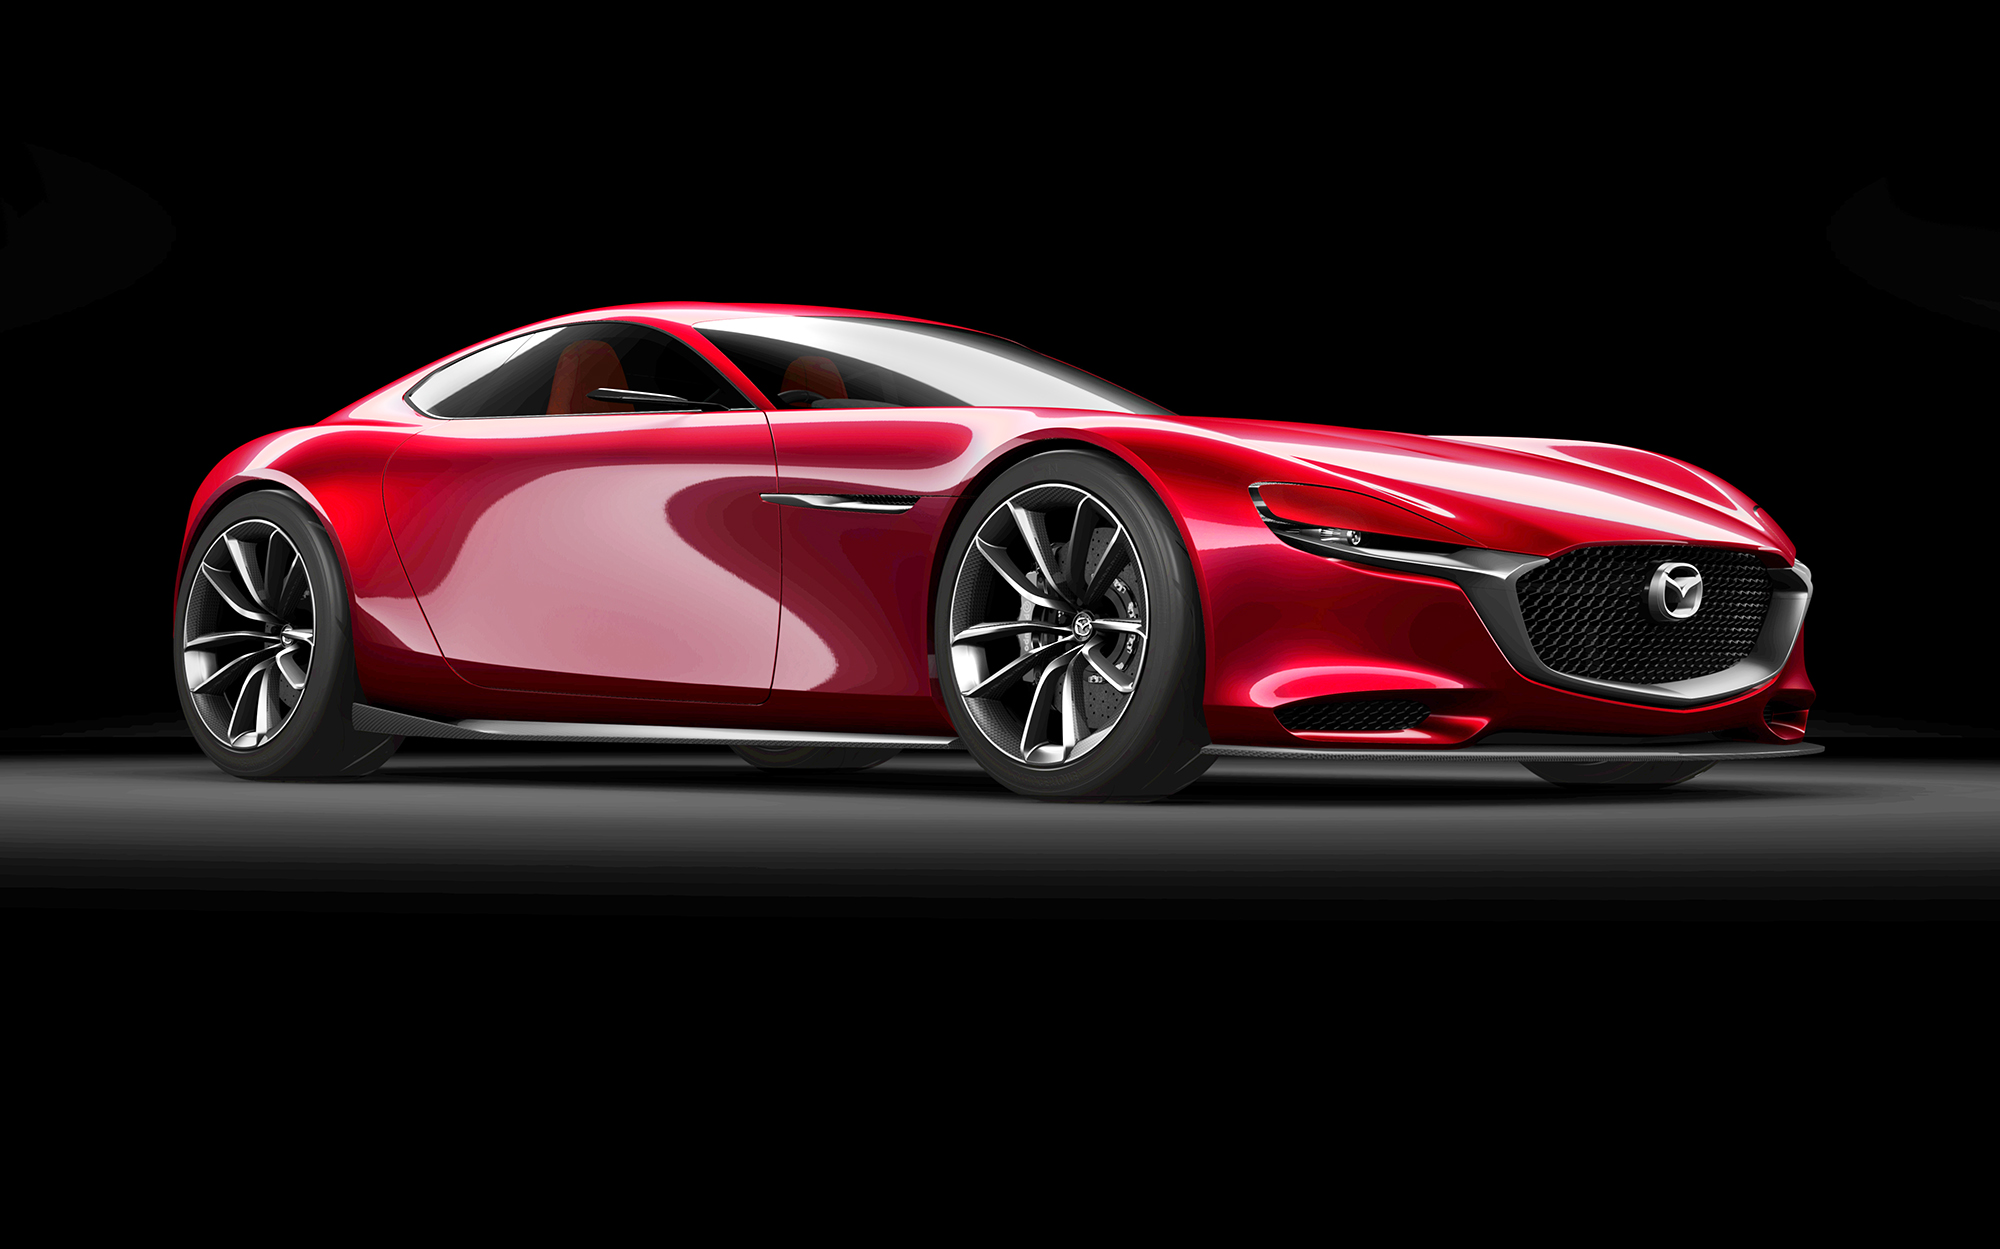 Mazda RX Vision Dimensioni Consumi Listino Prezzi